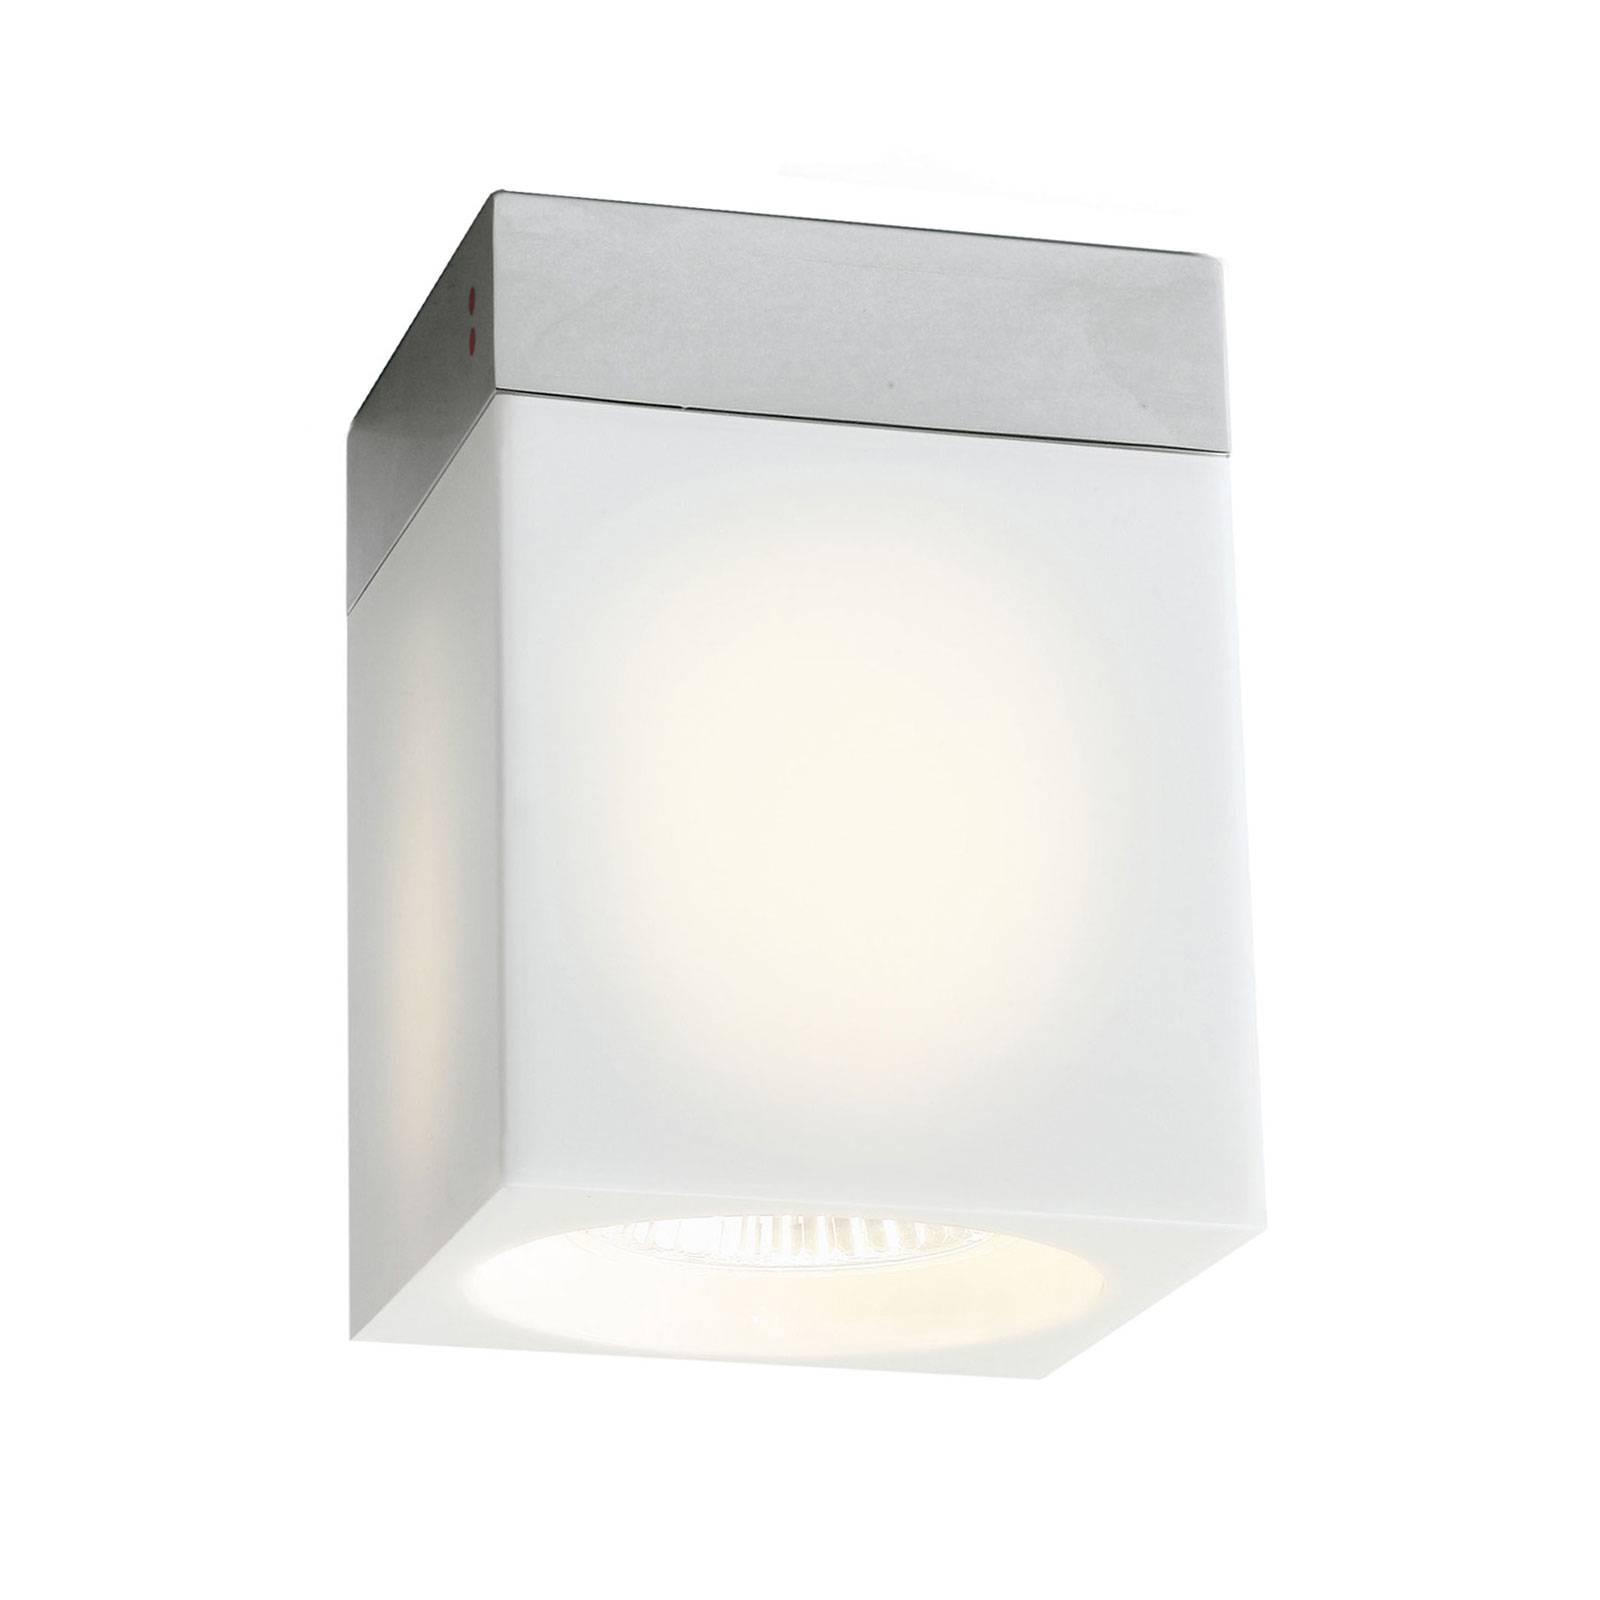 Cubetto Deckenleuchte 1-flammig, weiß